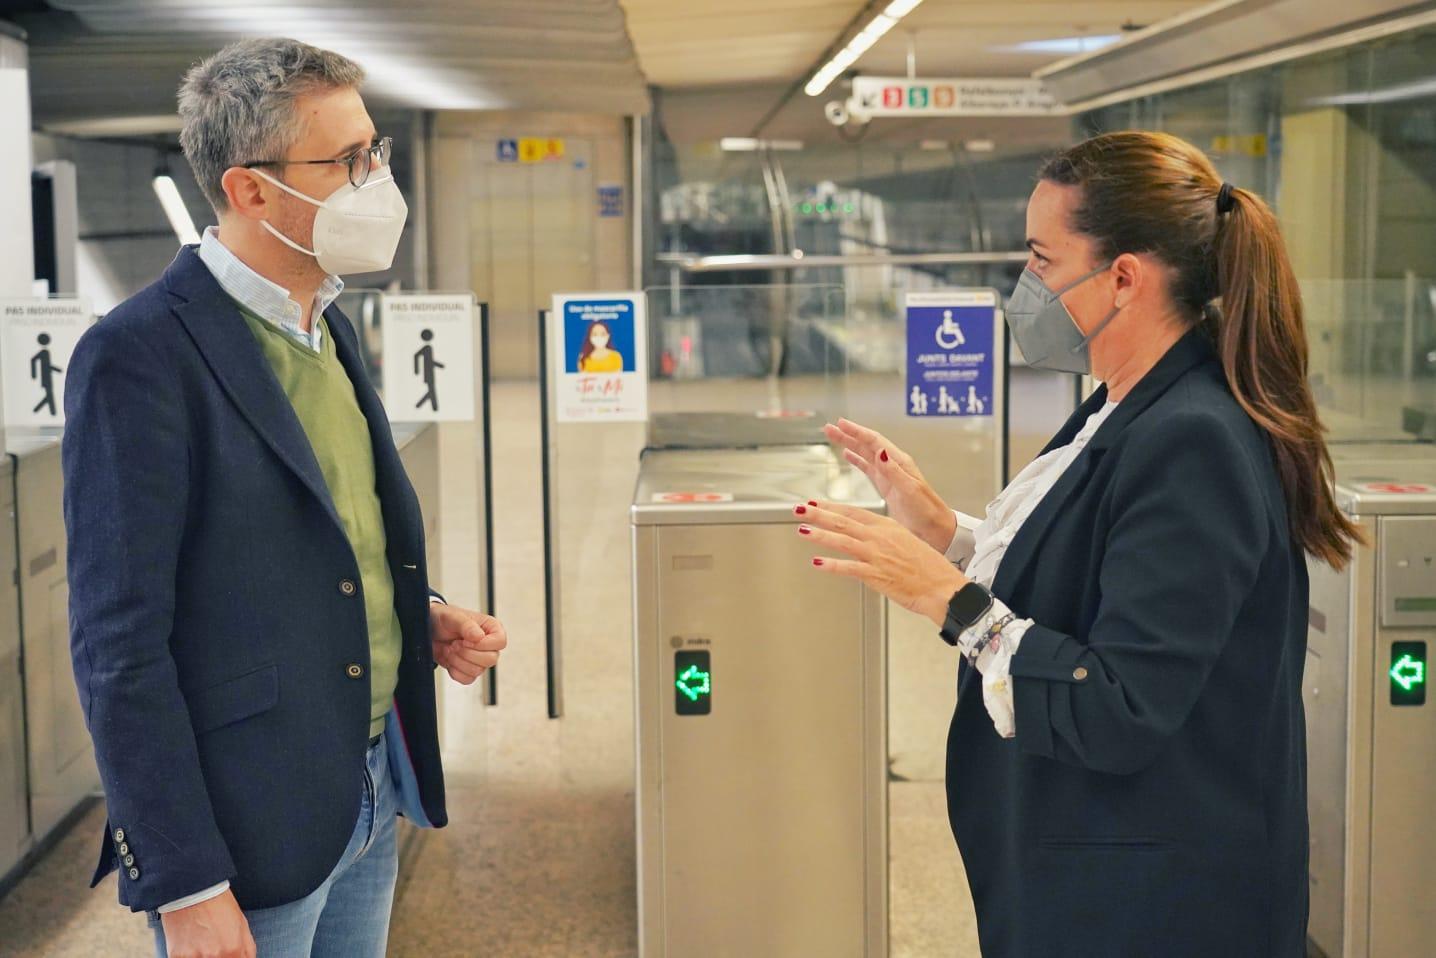 Ferrocarrils de la Generalitat registra en marzo un incremento del 11,84% de los desplazamientos respecto al comienzo de la pandemia